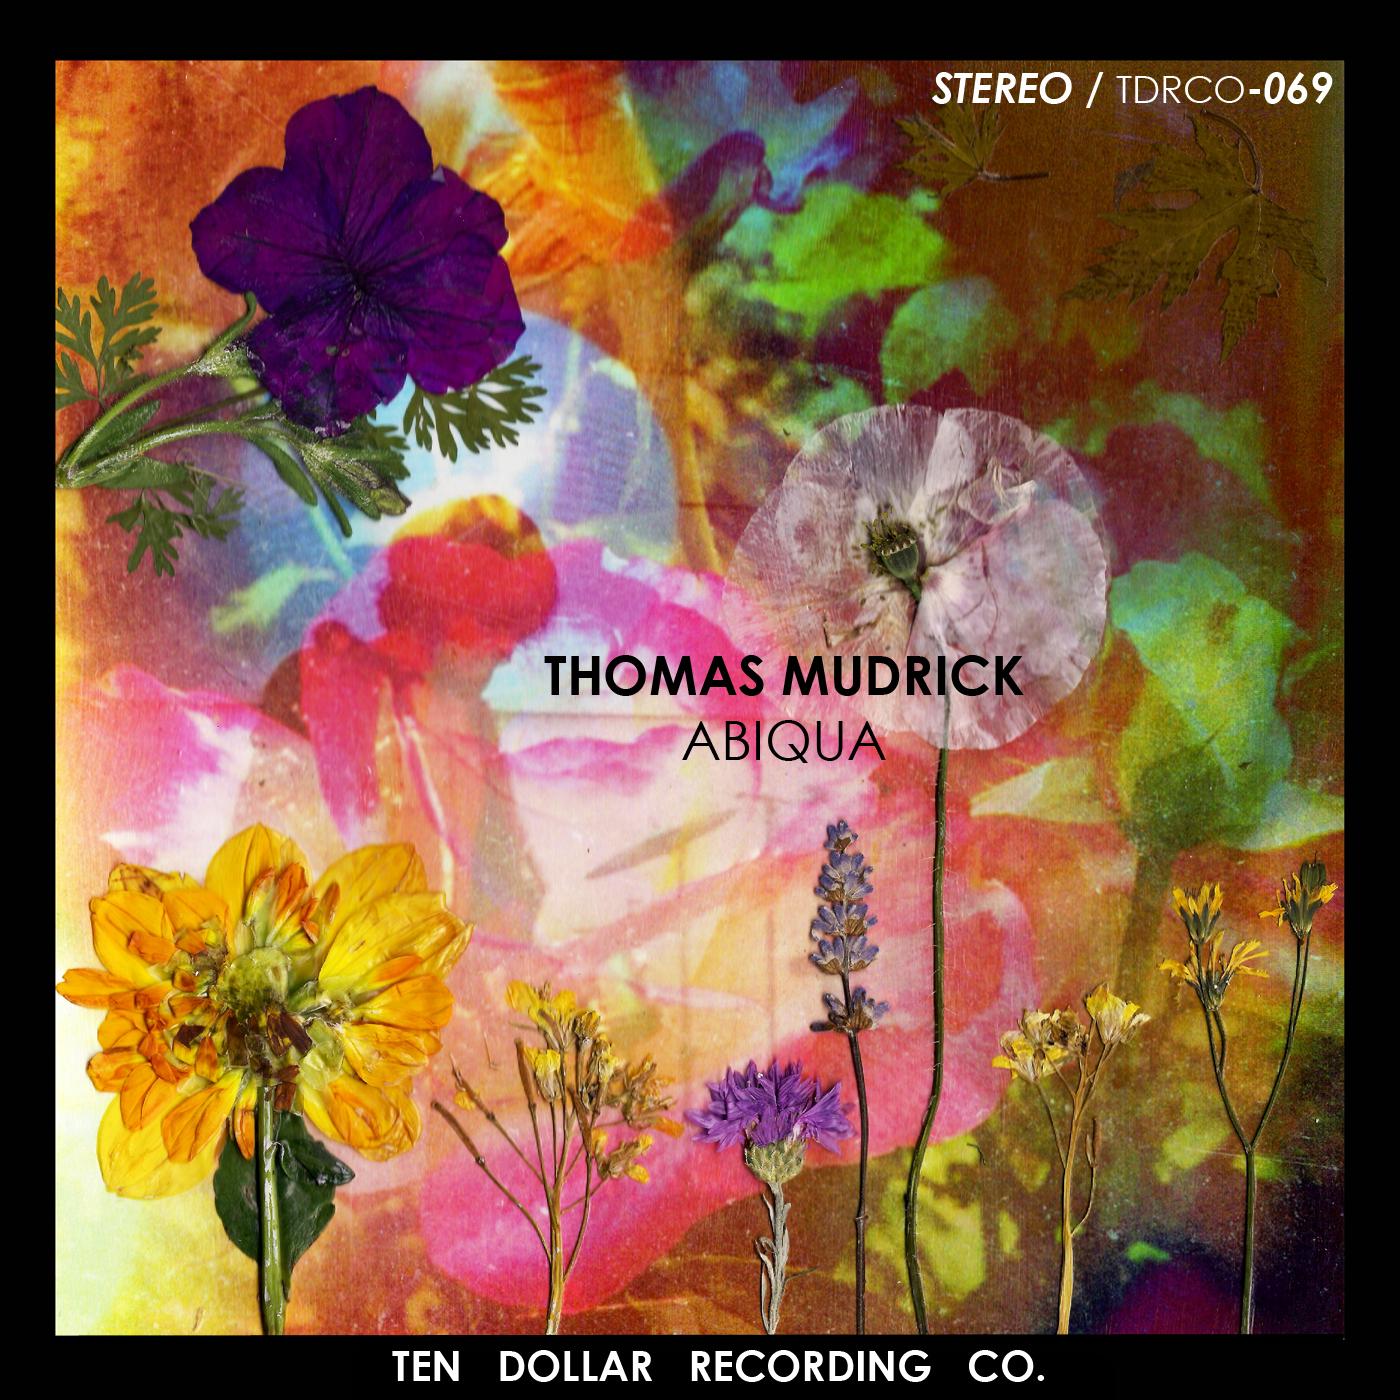 Thomas Mudrick - Abiqua